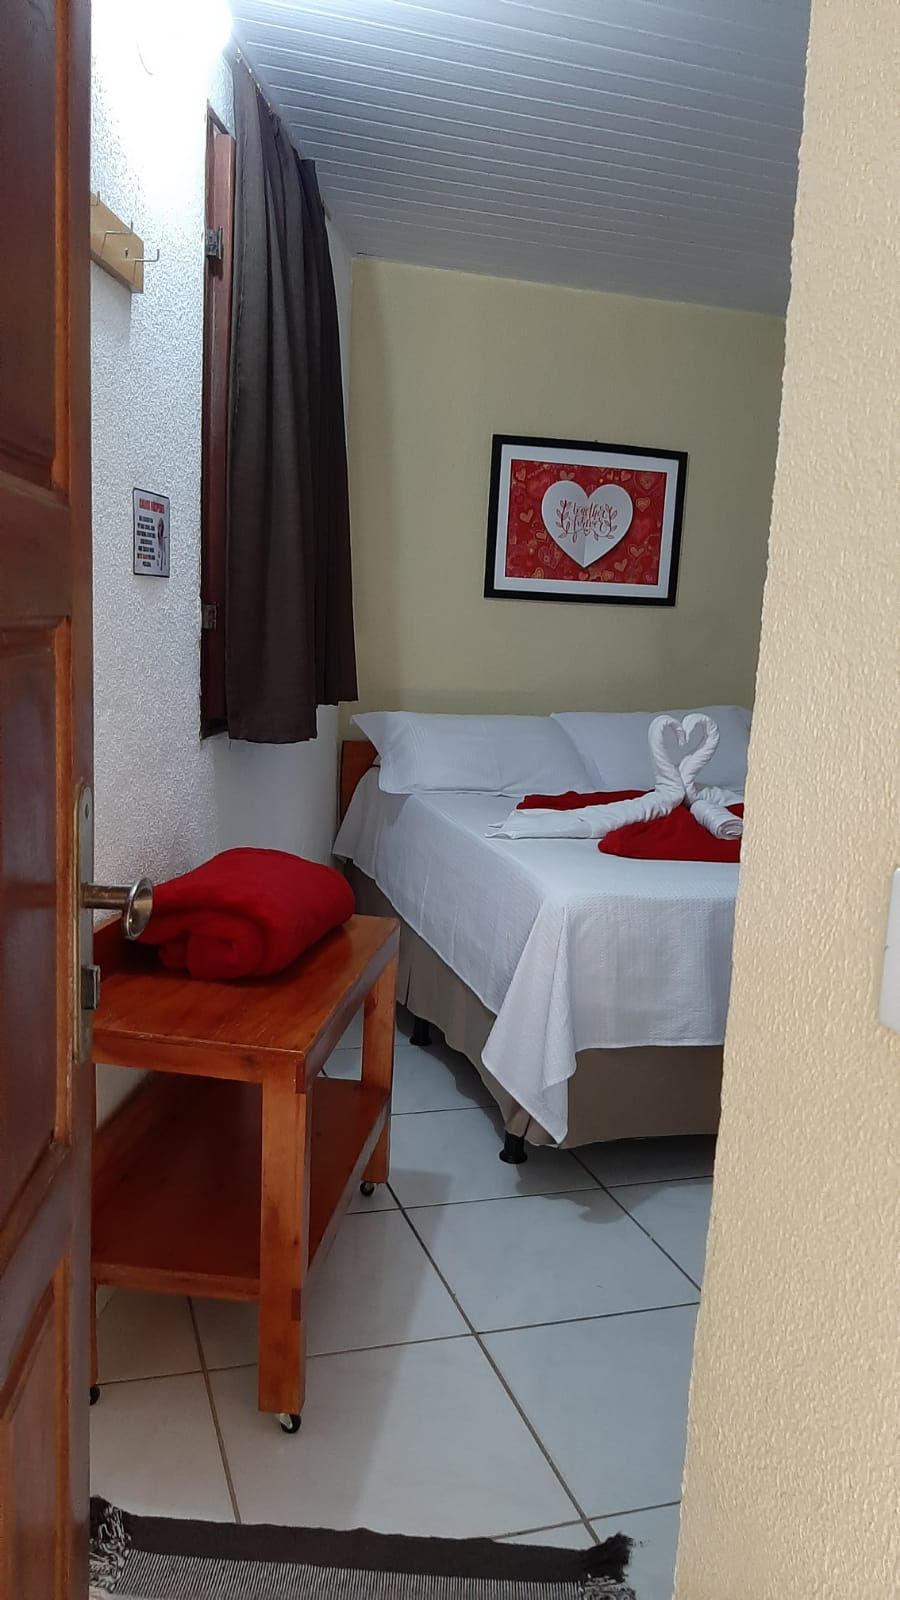 2 diárias (domingo a quinta) na Suíte Standard para 2 adultos e 1 criança de até 4 anos + Café da manhã de R$599 por apenas R$369